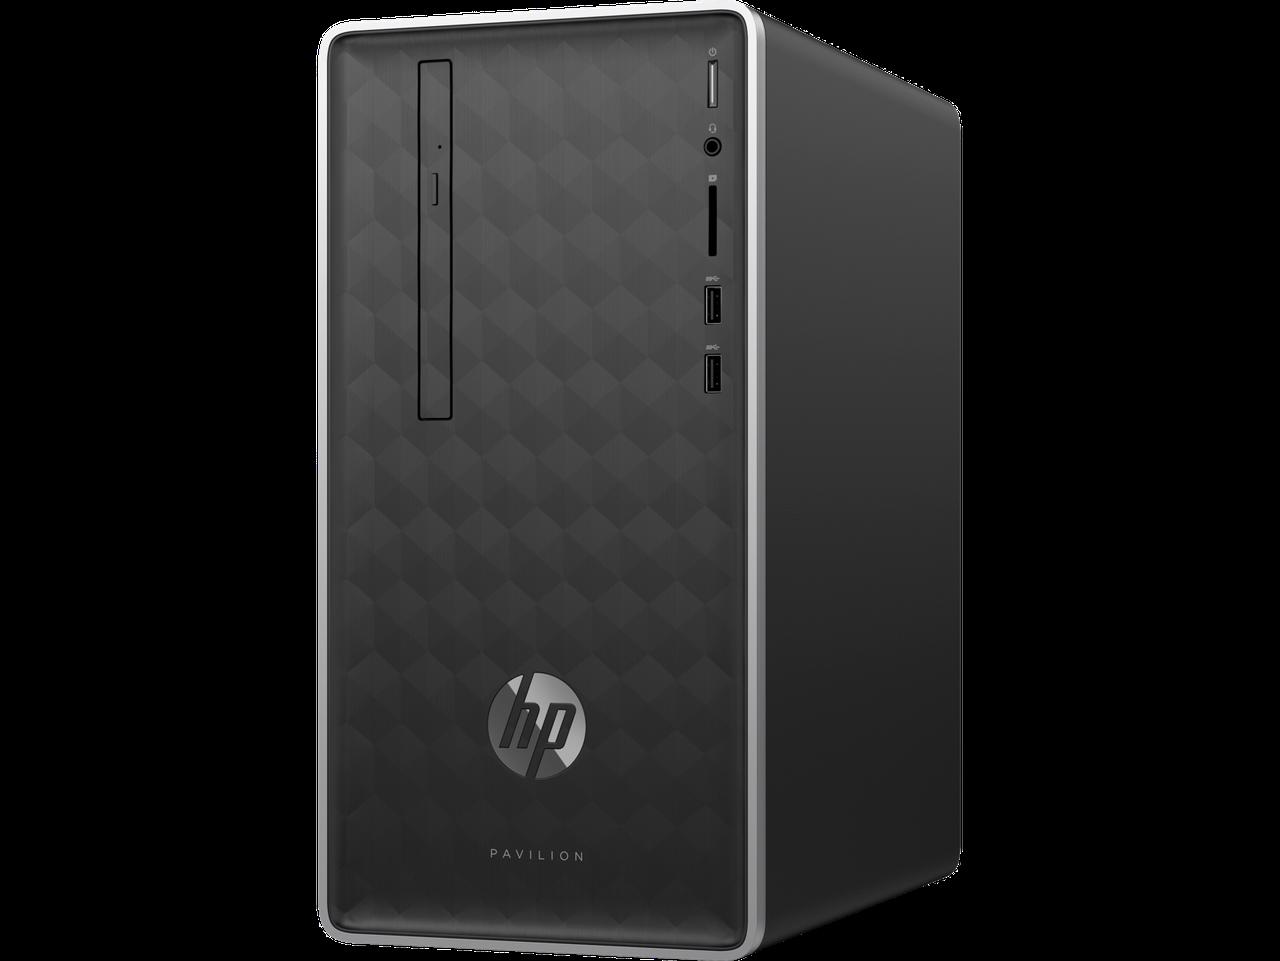 ПК HP 4VF90EA 290 G2 MT G5400 500GB 4.0GB DVDRW Pentium Gold G5400 / 4GB / 500GB HDD / DOS / DVD-WR / 1yw / US